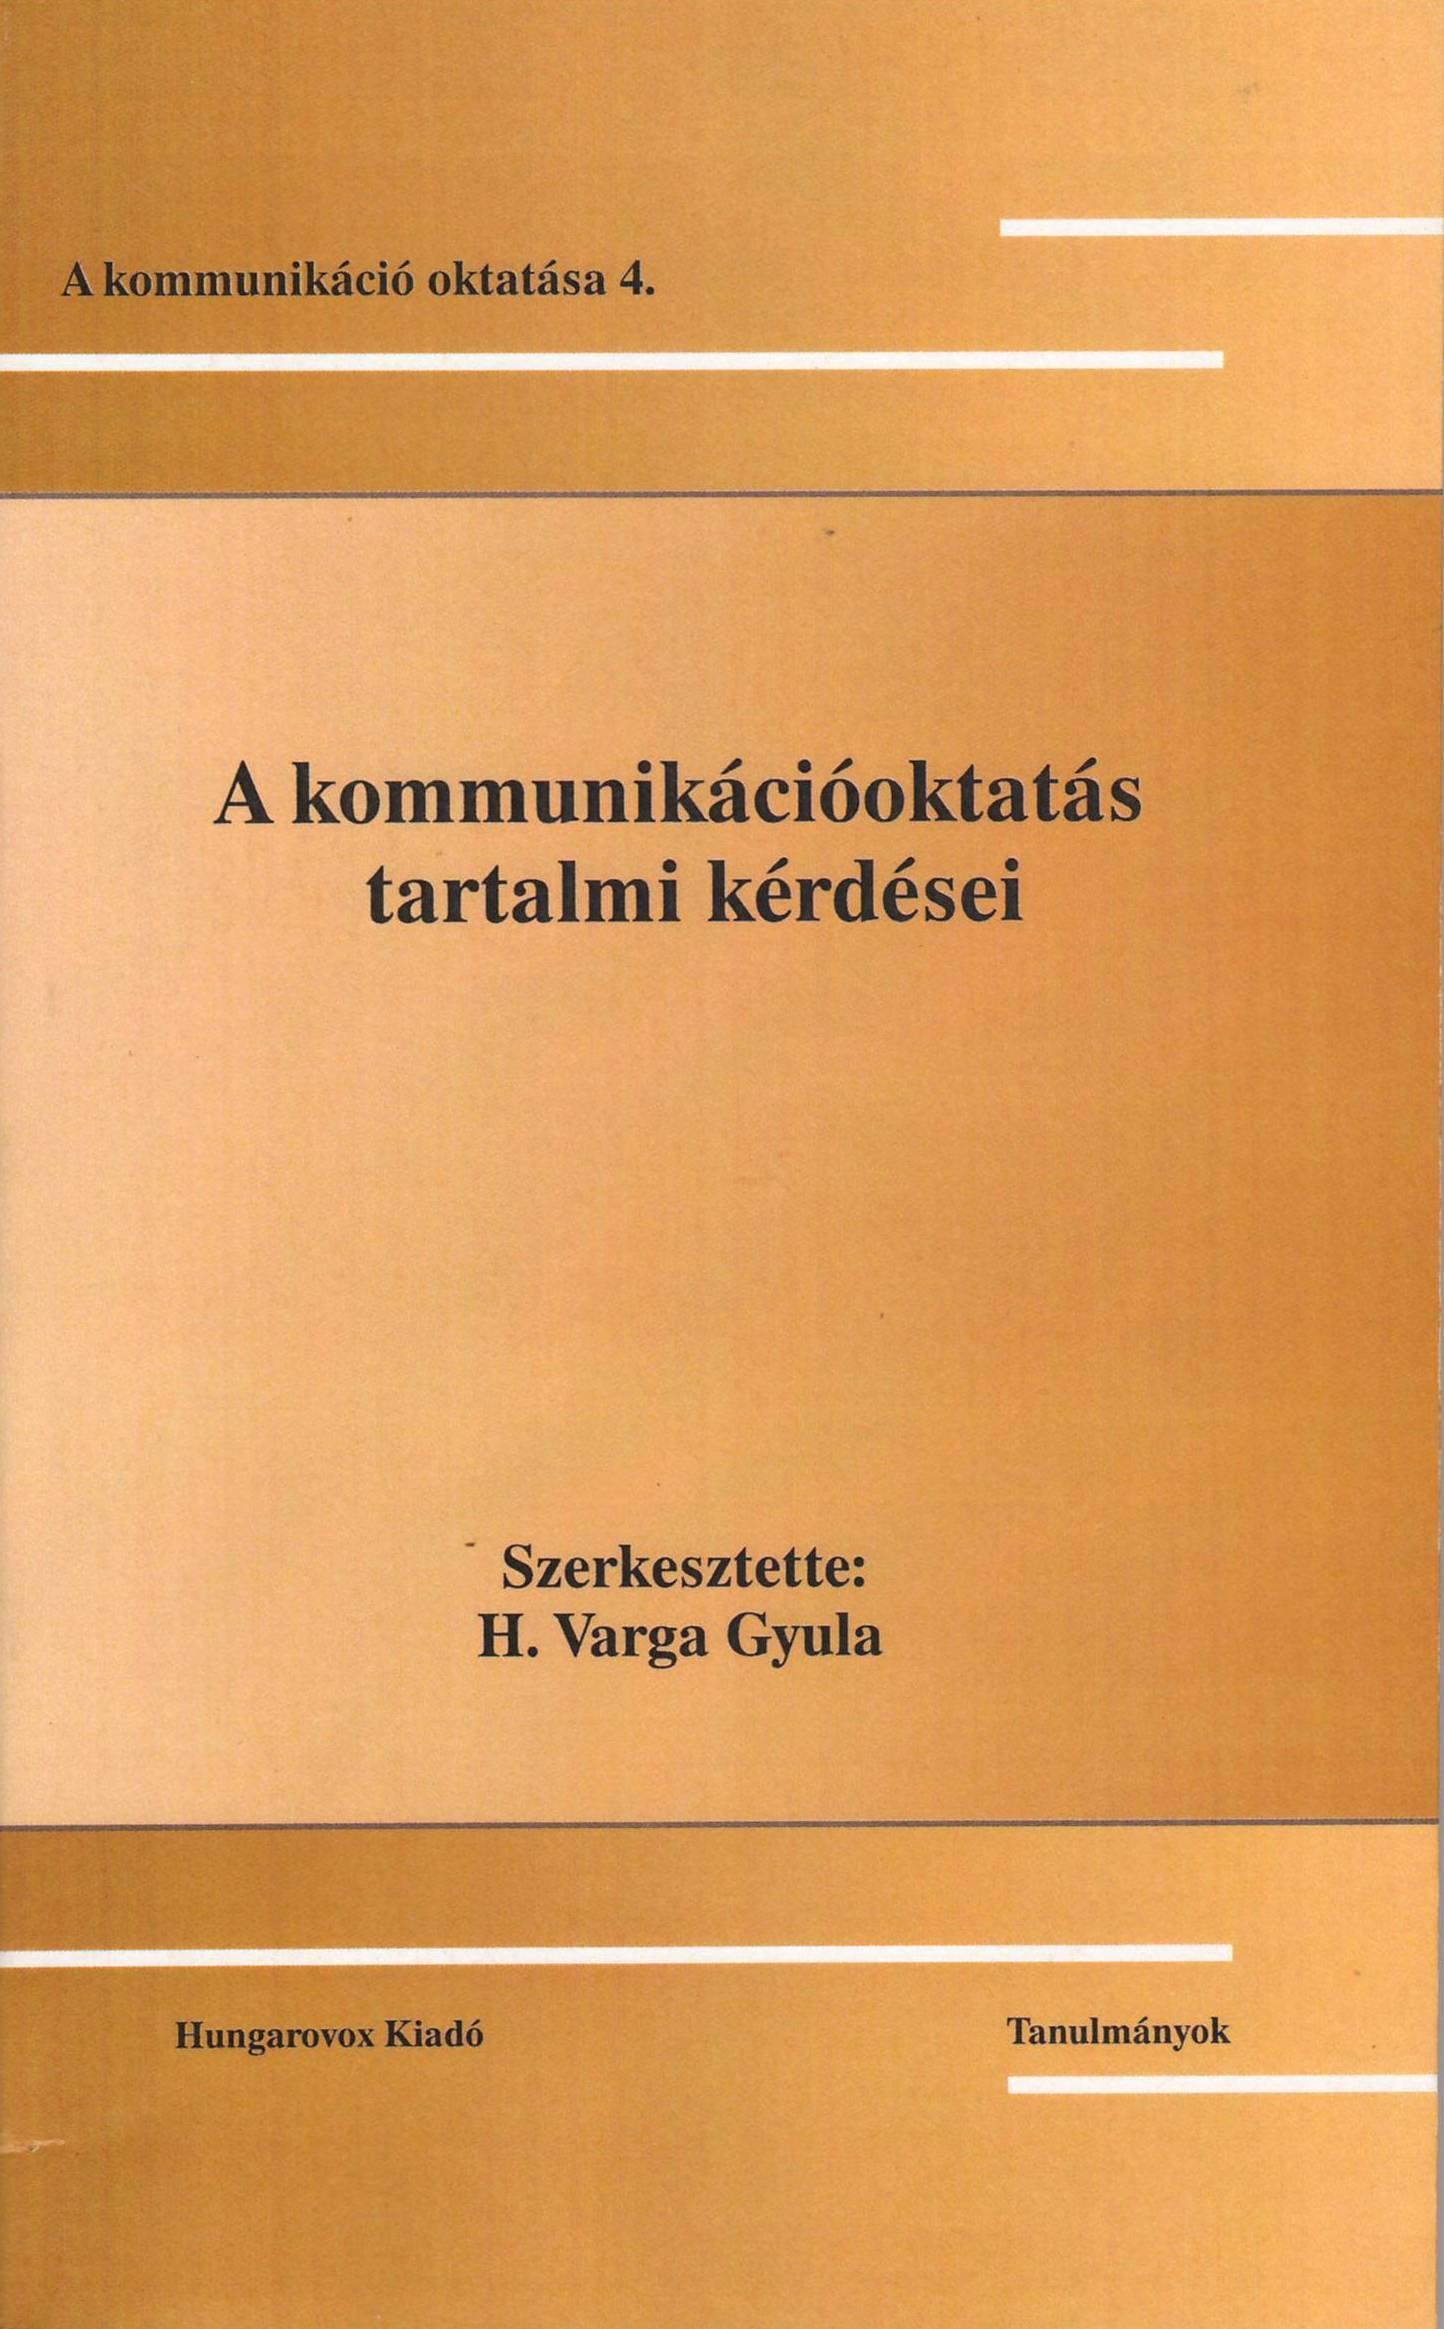 A KOMMUNIKÁCIÓOKTATÁS TARTALMI KÉRDÉSEI - A KOMMUNIKÁCIÓ OKTATÁSA 4.